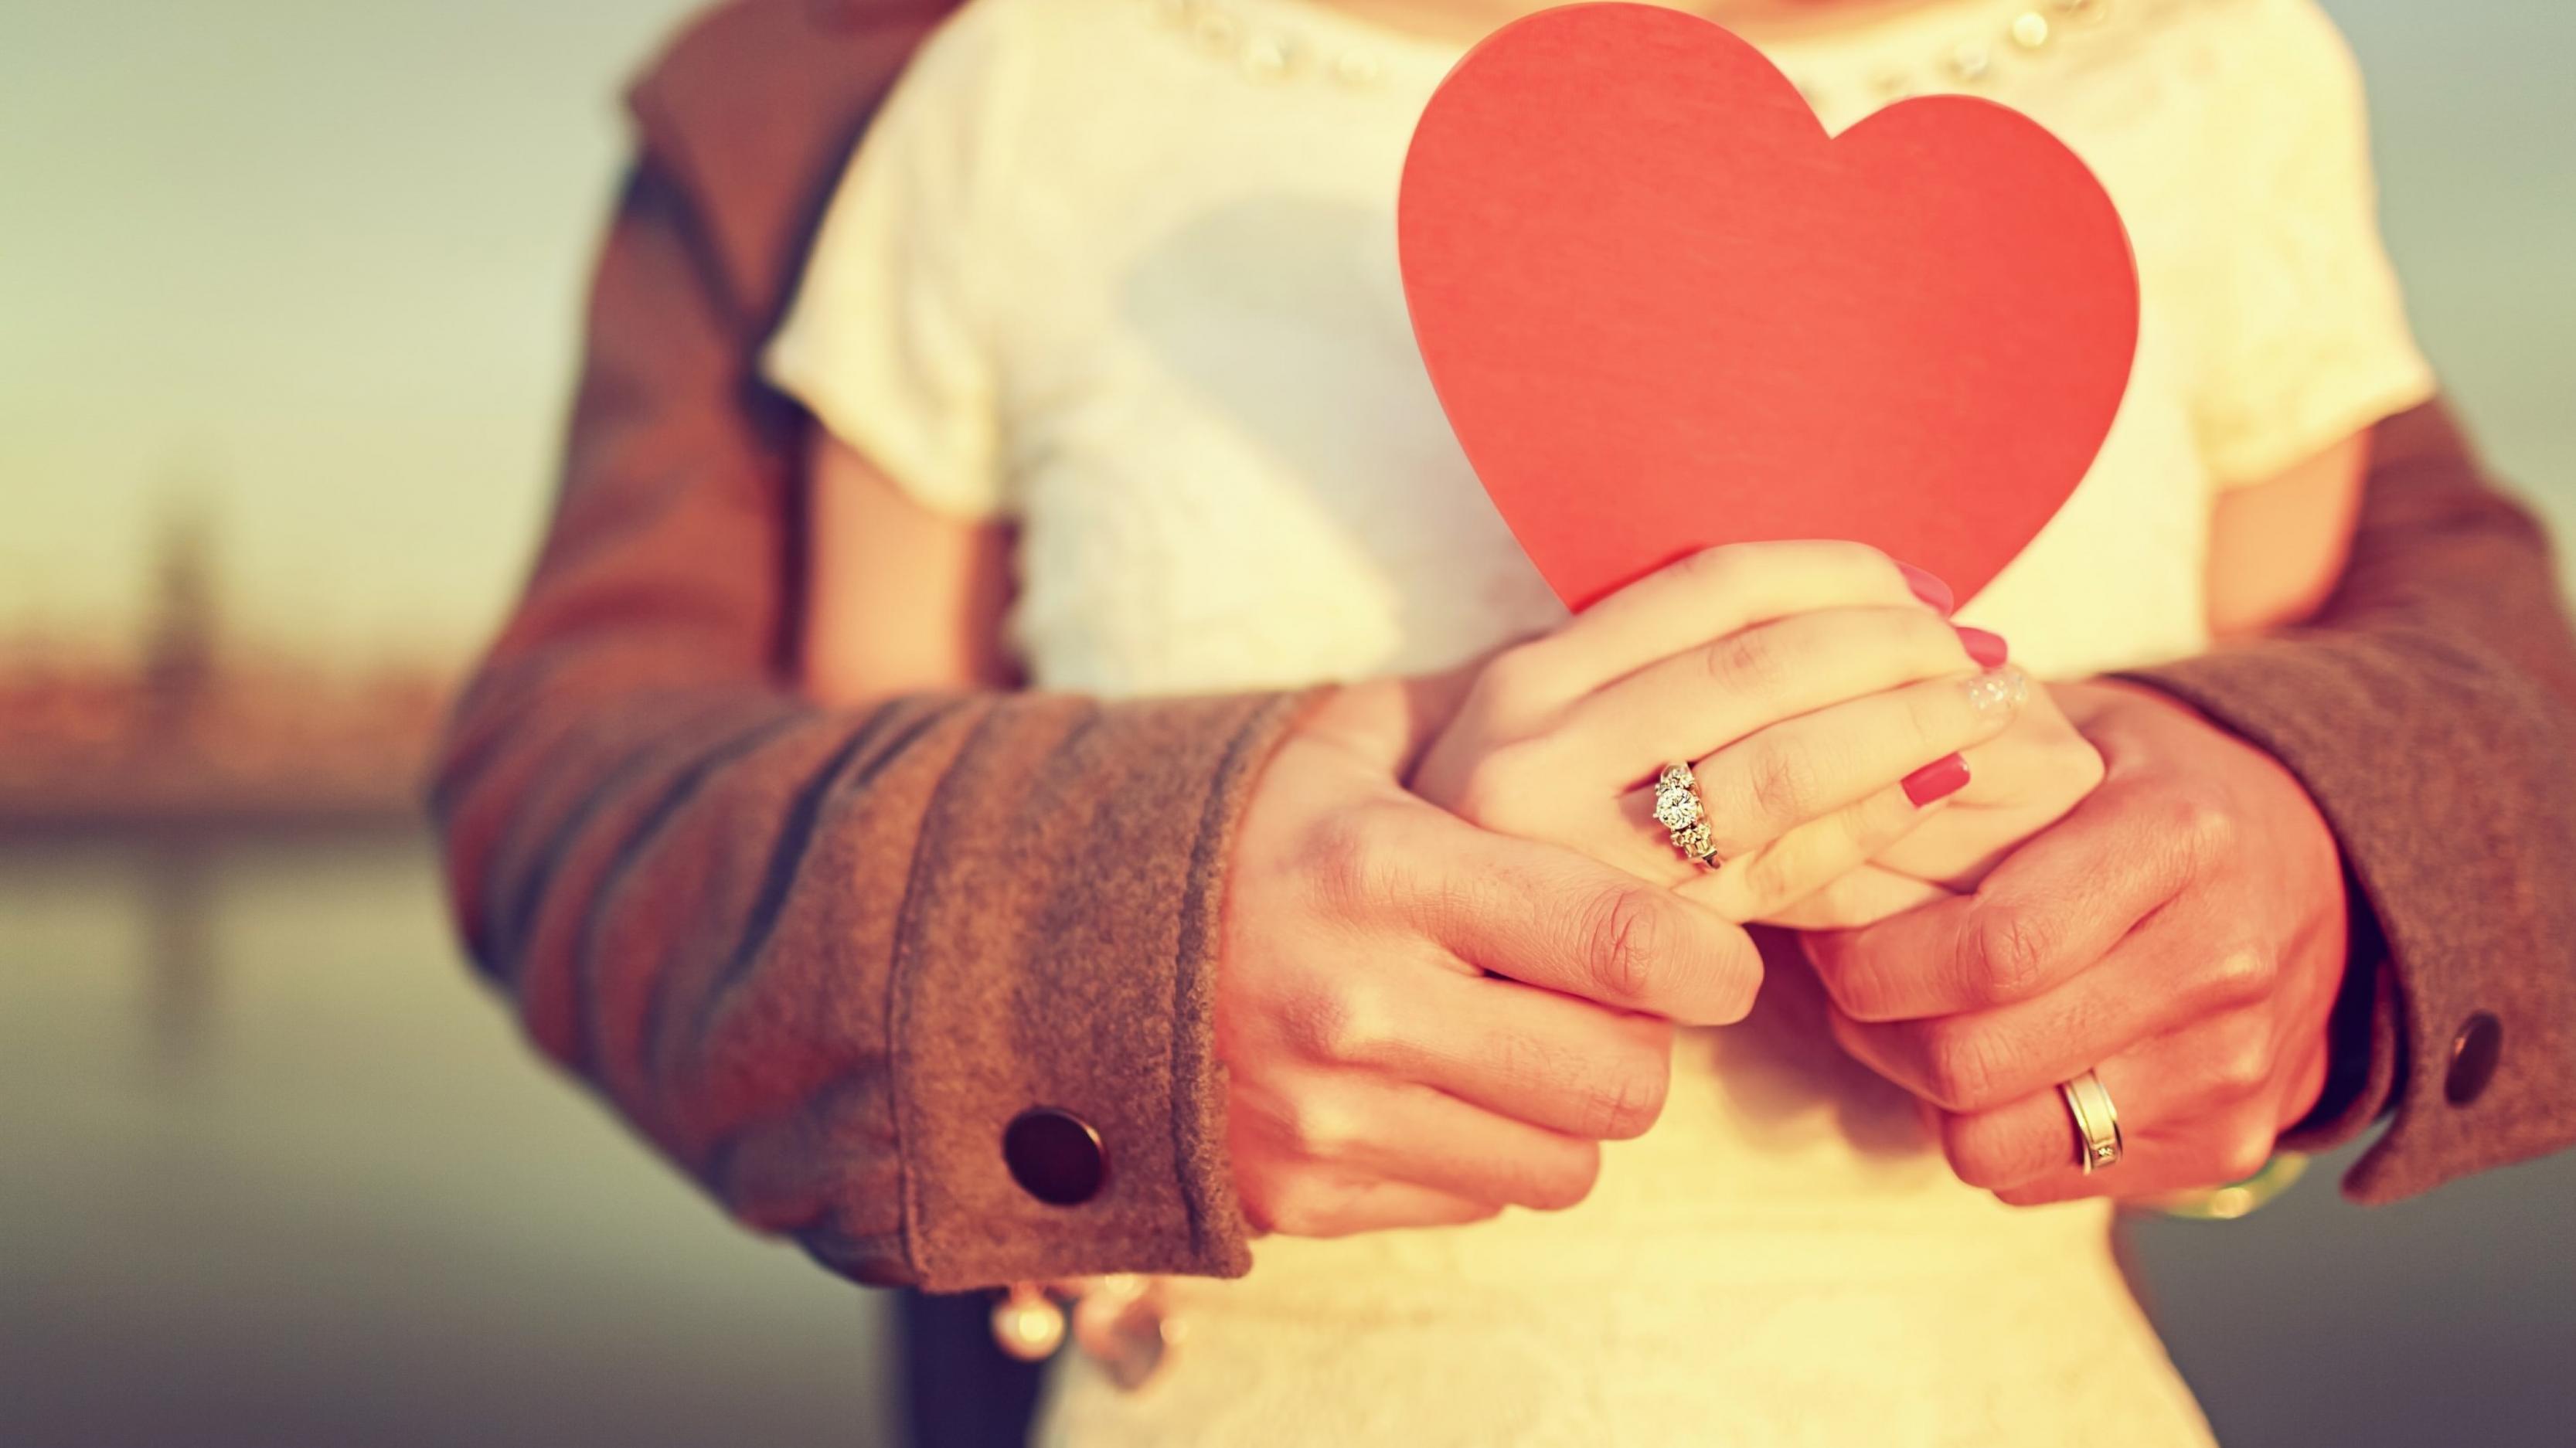 صور صور رومانسية صور حب وشوق صور جميلة , بوستات للعشاق